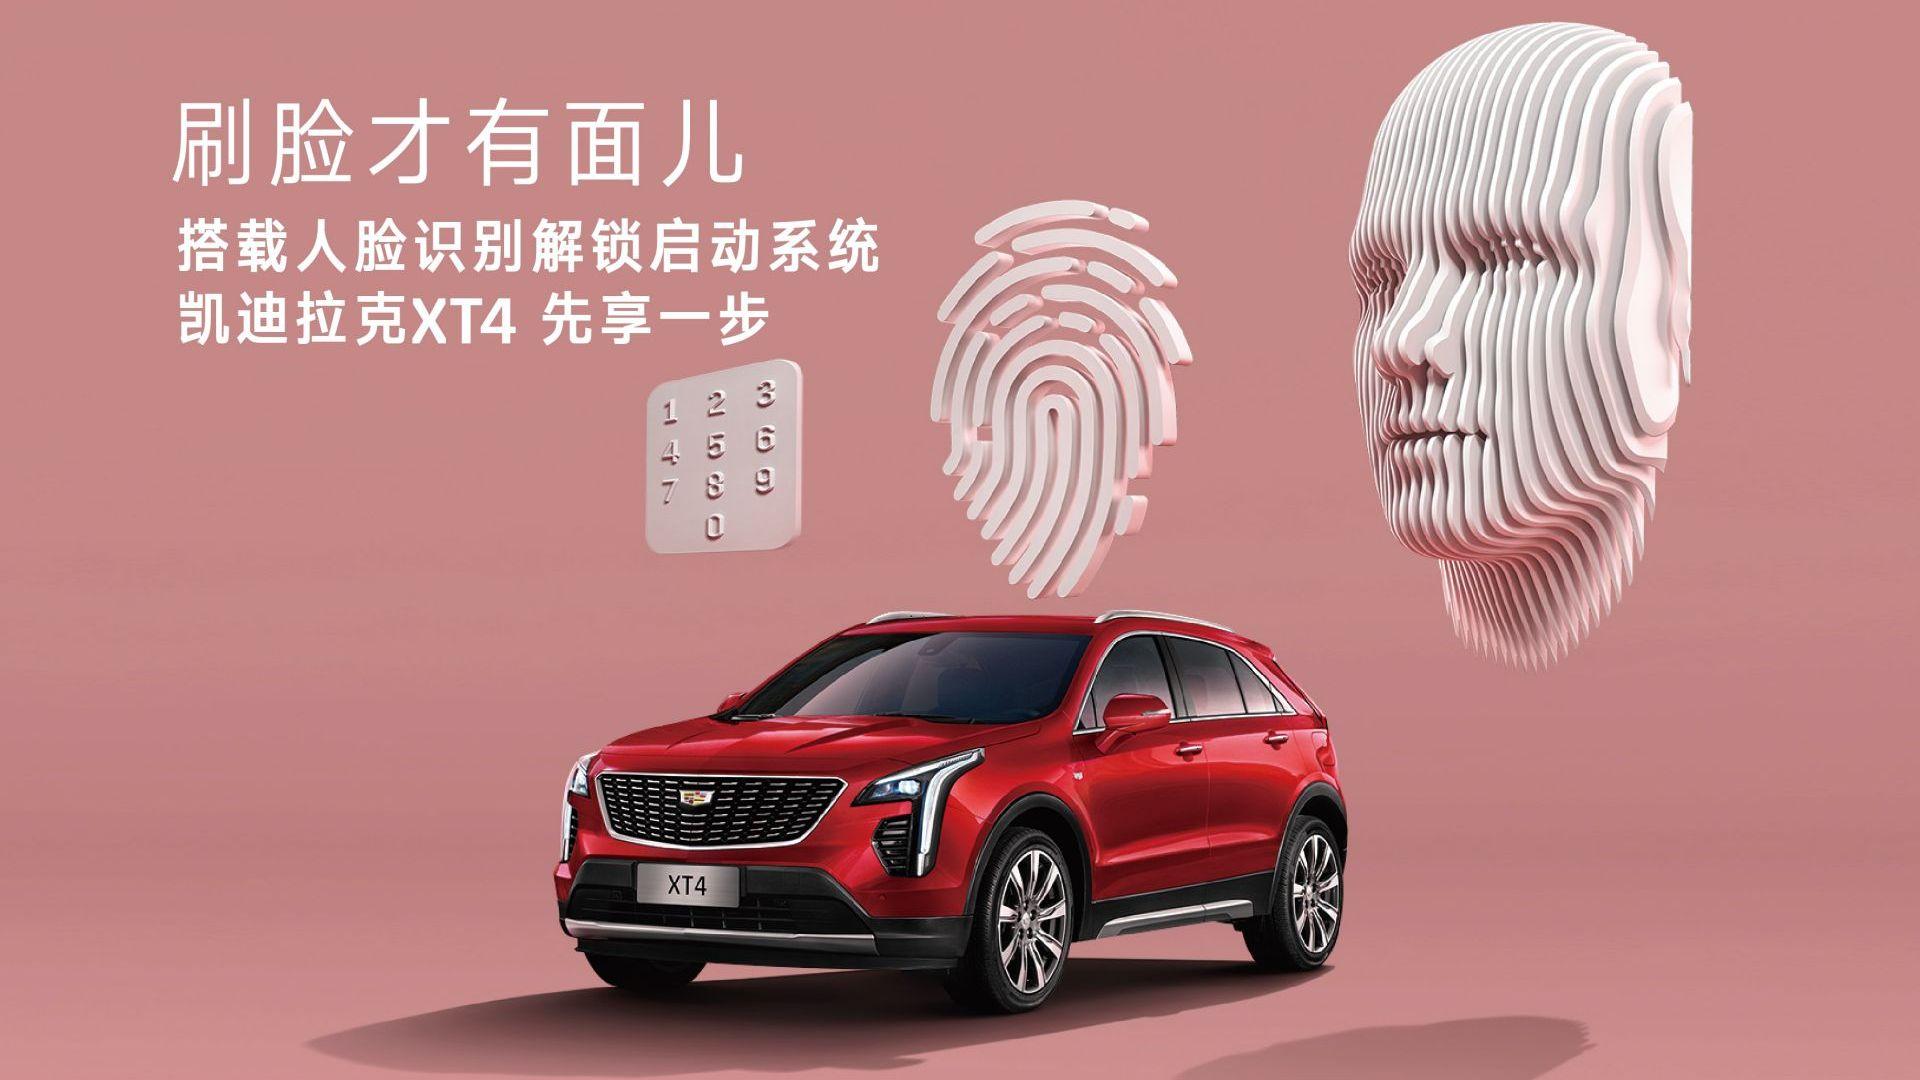 Китайская версия кроссовера Cadillac XT4 скоро переживёт фейслифтинг. Среди обновок – функция Face ID, которая позволит автомобилю узнавать владельца. Производитель называет инновацию «наиболее современным видом бесключевого доступа» и обещает стабильную работу в любую погоду и в любое время суток.